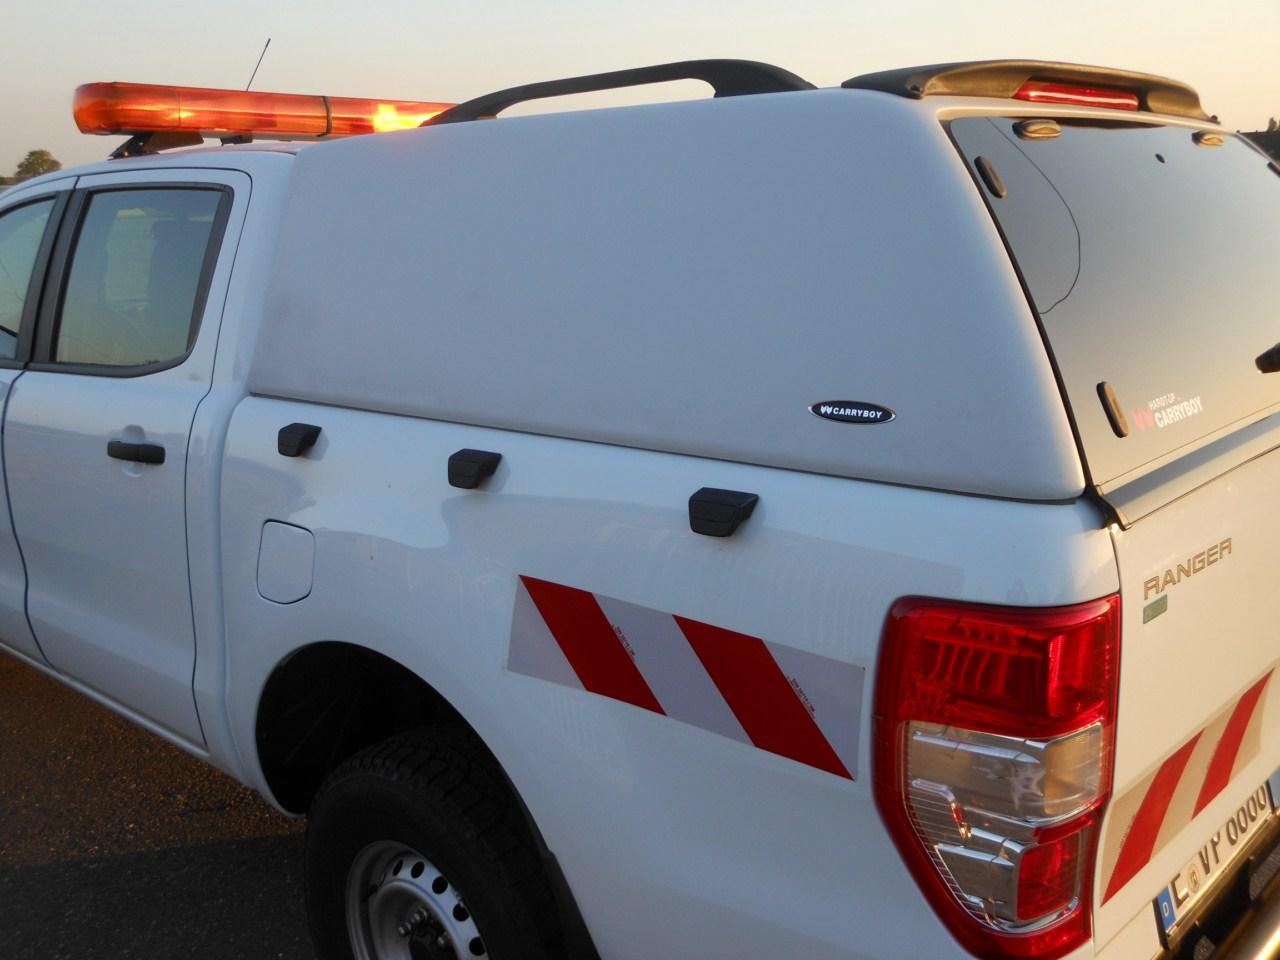 CARRYBOY Hardtop 560oS-IRD Isuzu Dmax Doublecab 12-16 Dachreling 80kg belastbar inkl. 3 Bremslicht